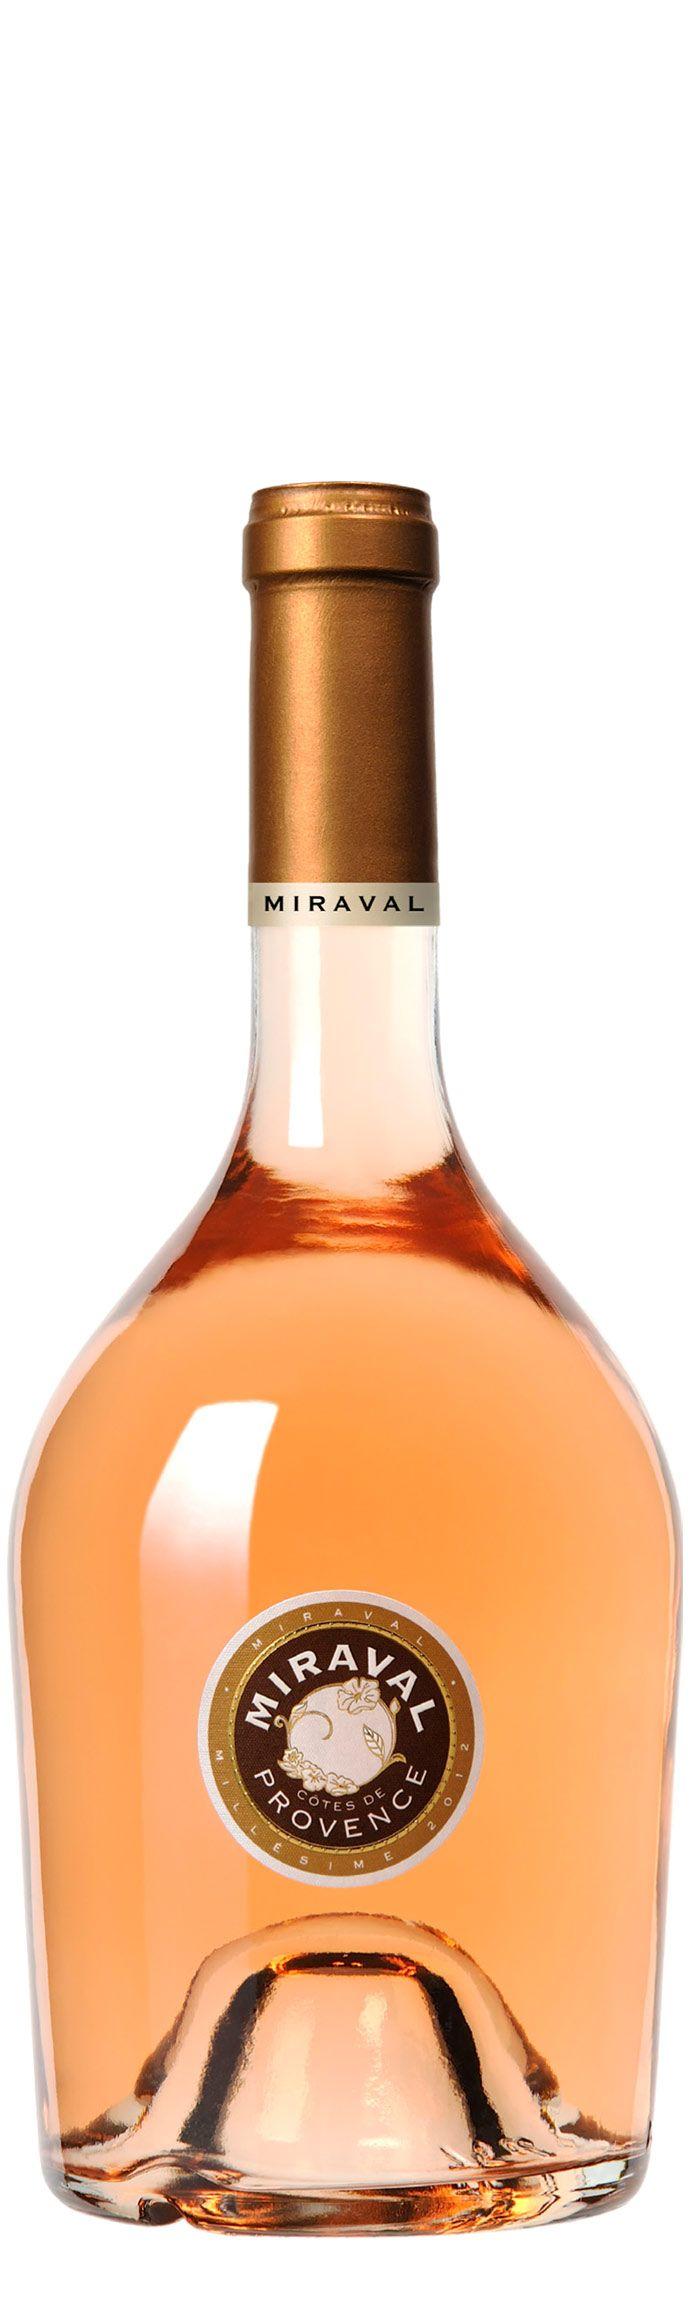 Miraval Côtes De Provence 2014 aus Frankreich / Provence beim Weinversand Vinexus günstig bestellen.